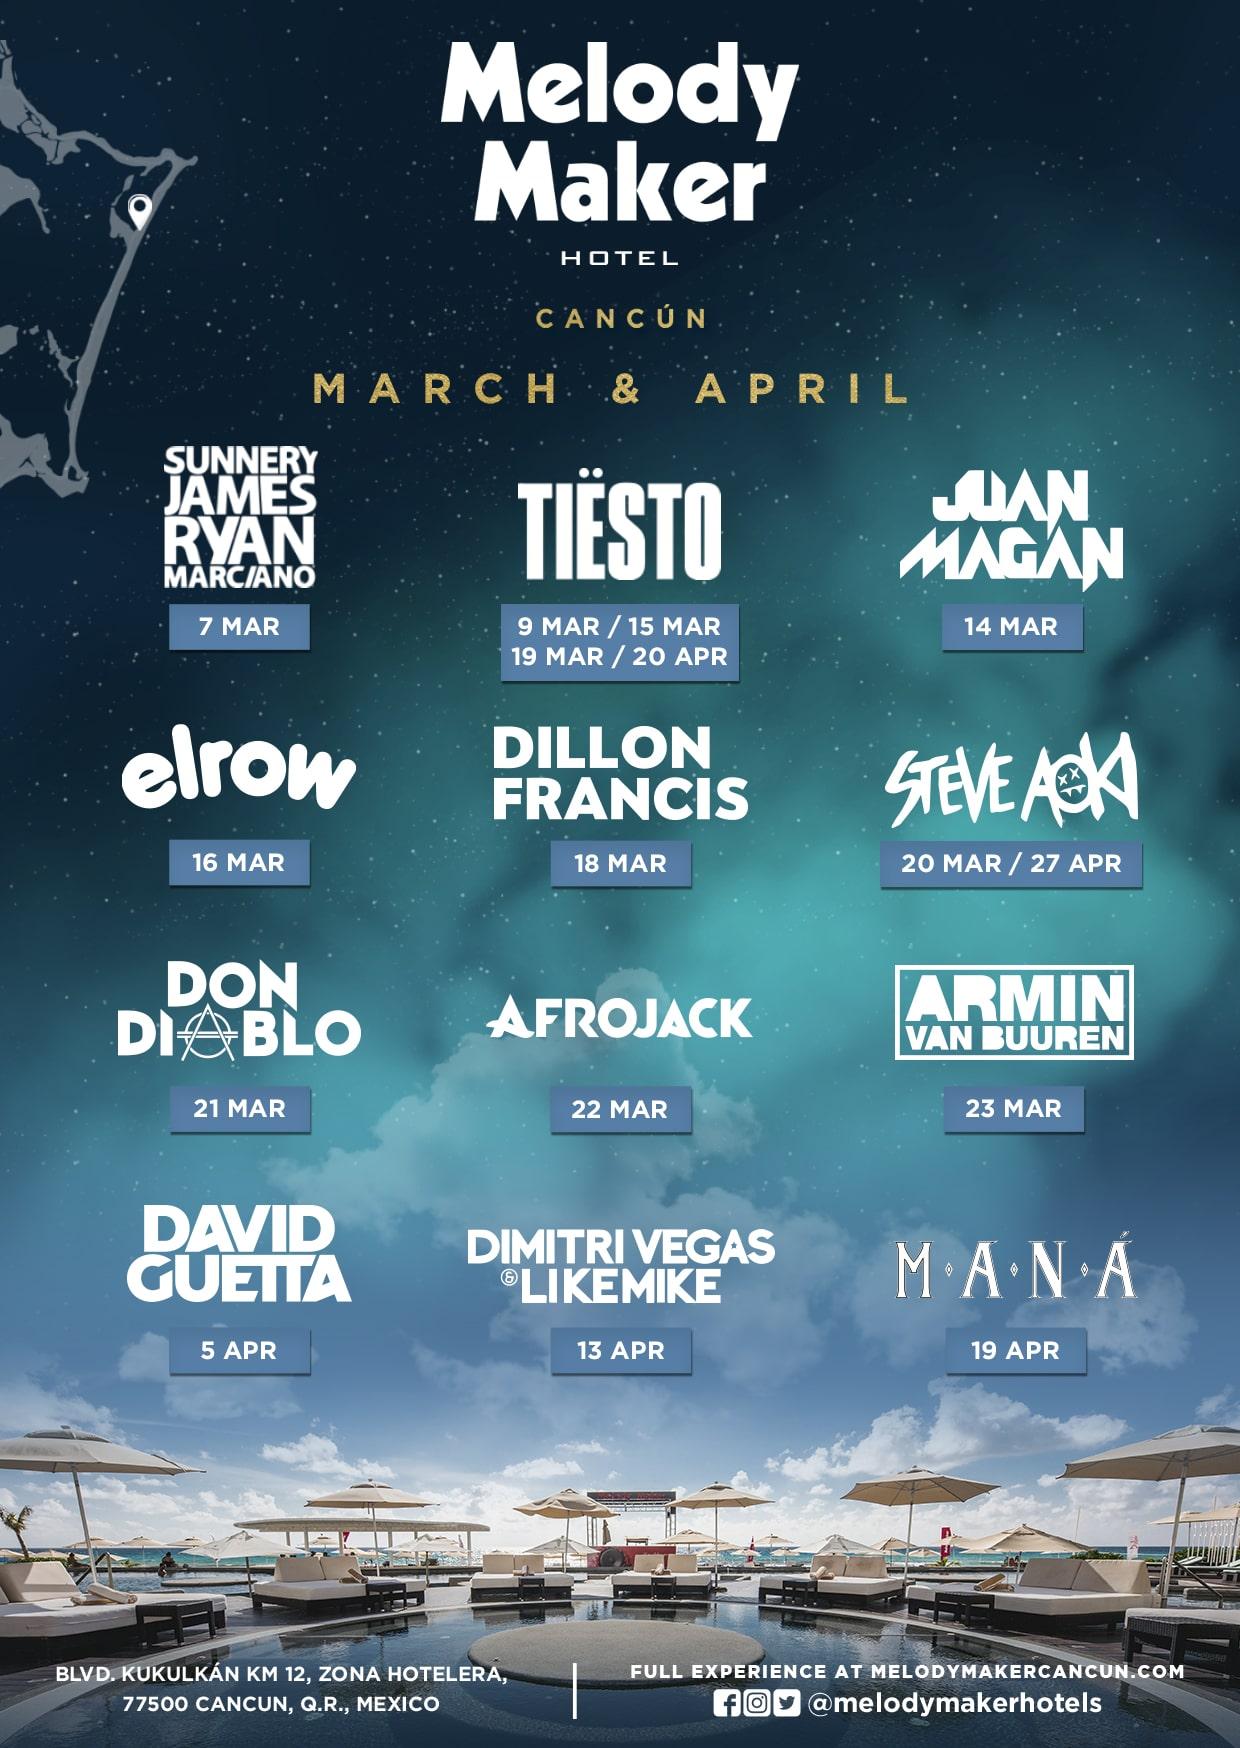 Мероприятия в отеле Melody Maker Cancun в марте - апреле 2019 года